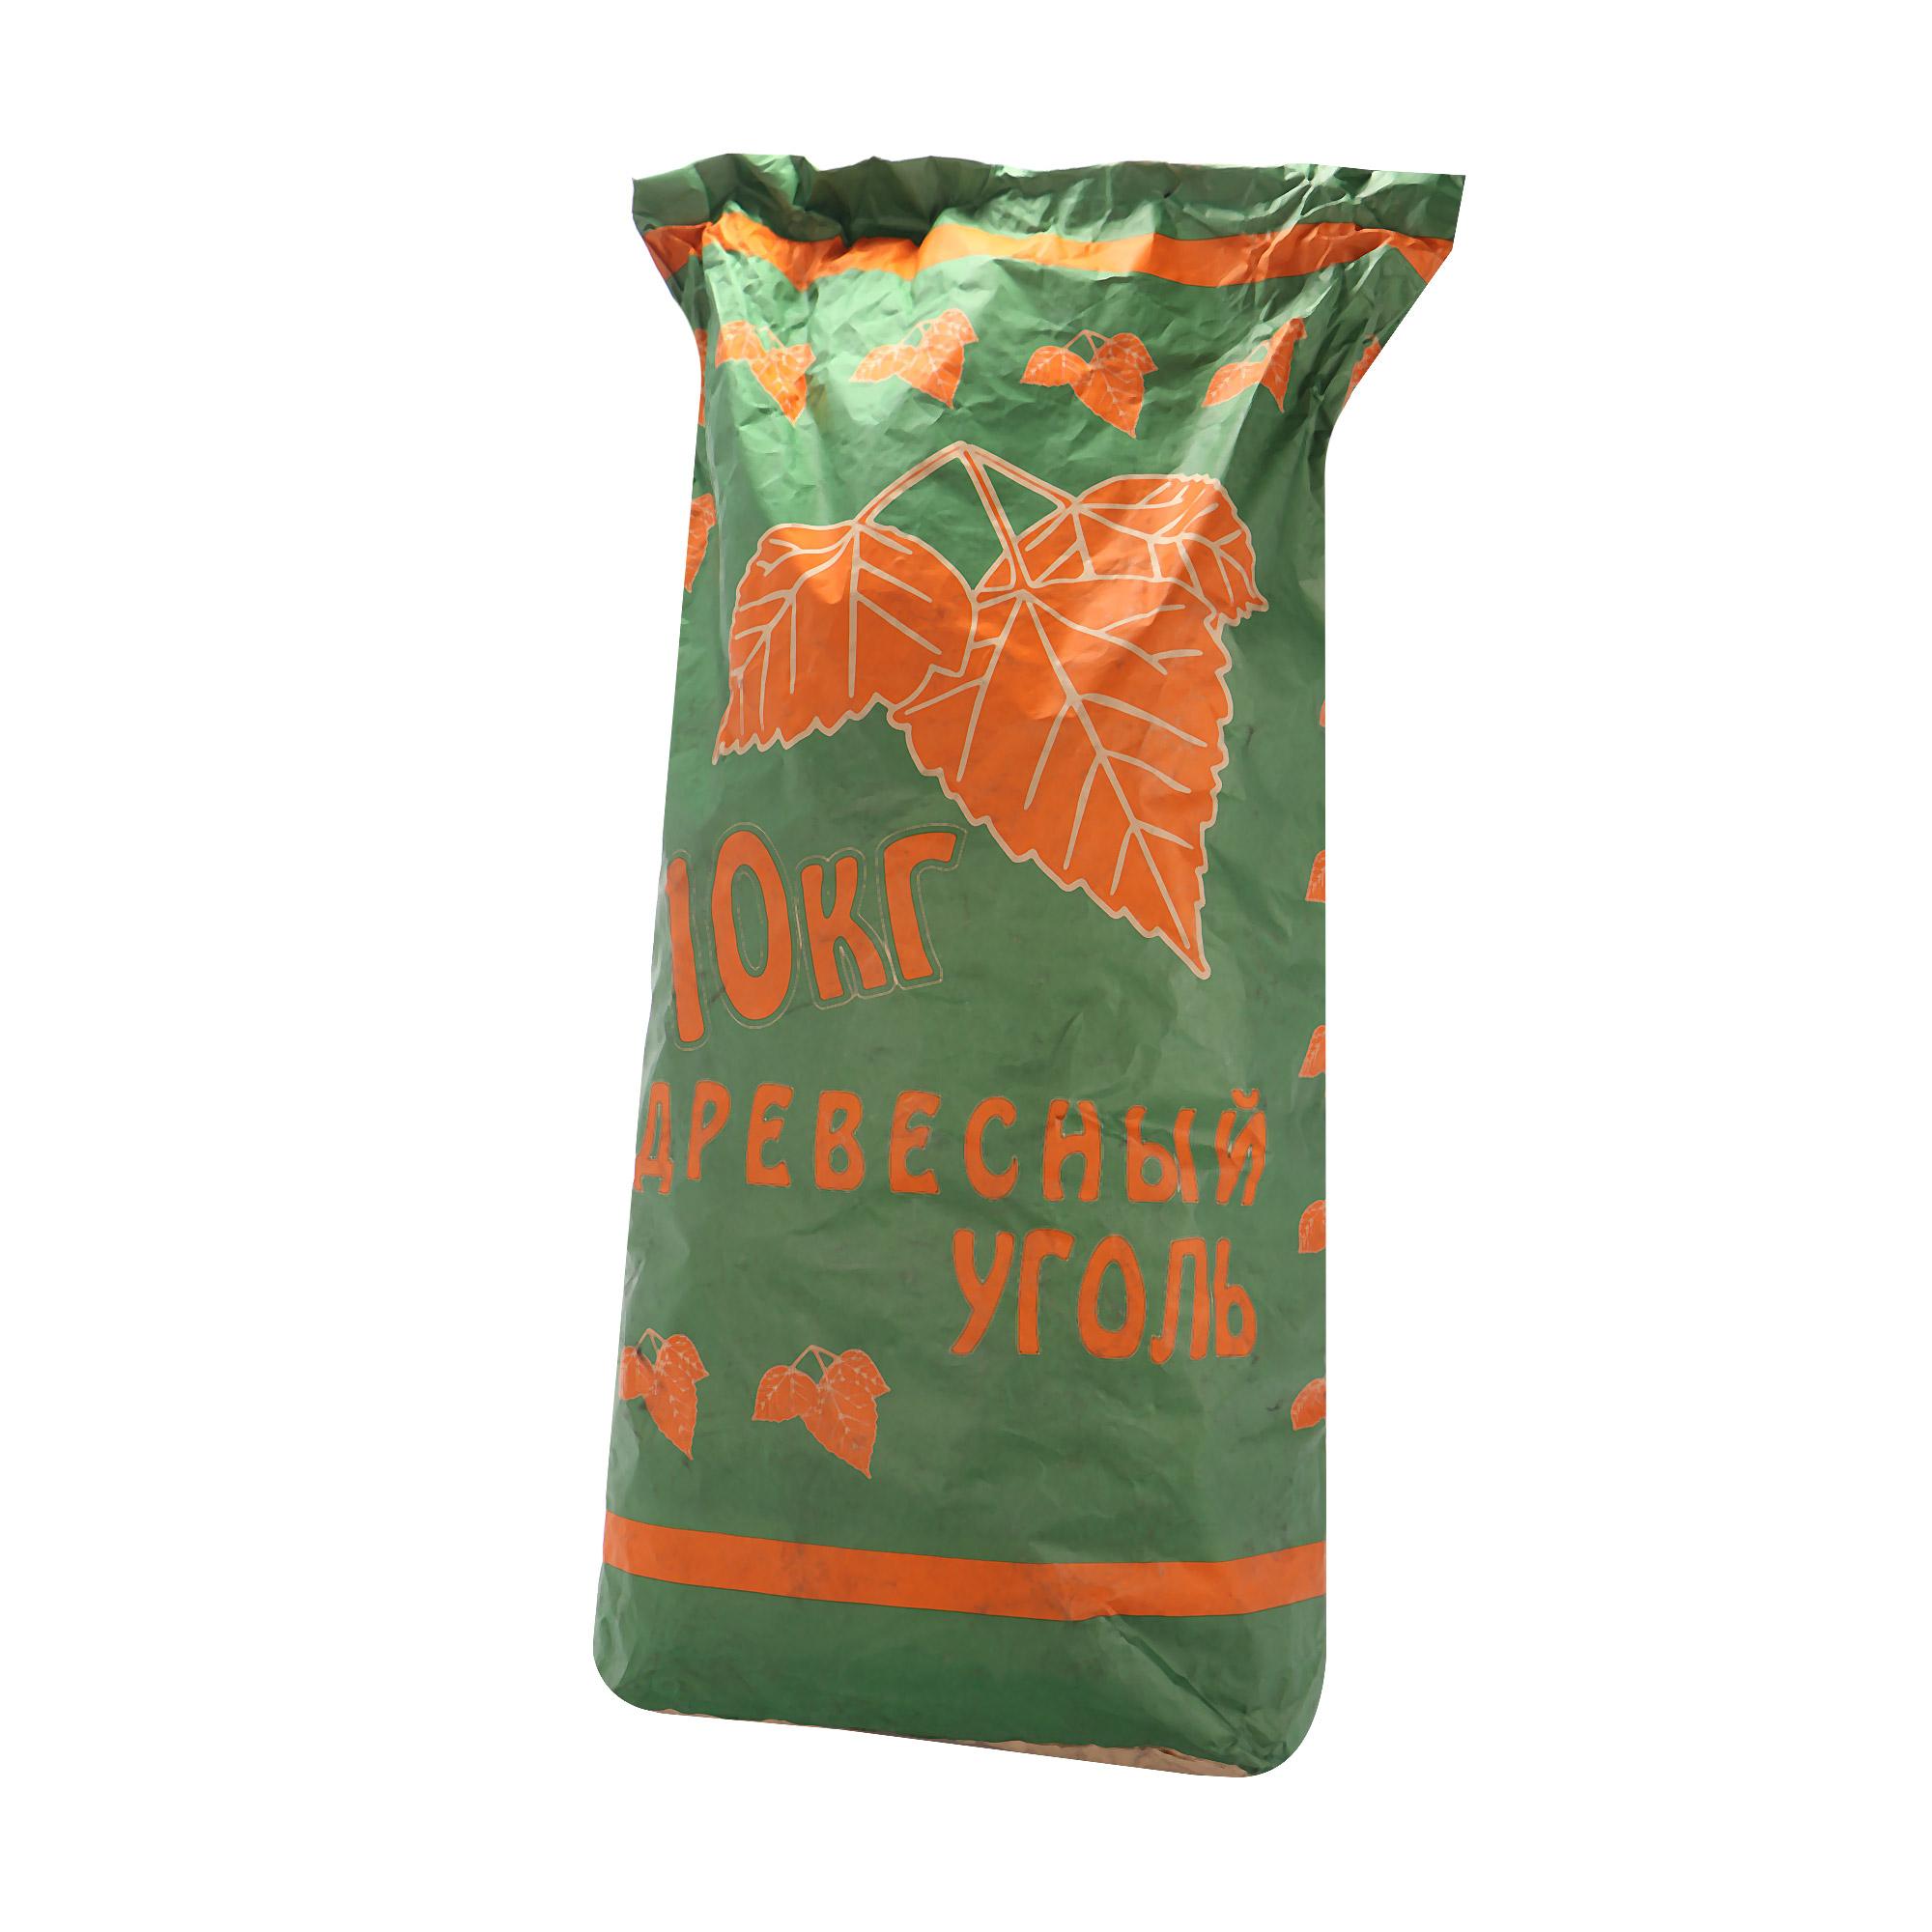 Уголь березовый ресторанный Русс лес 60 литров очиститель инжекторов быстрого действия на 40 60 литров